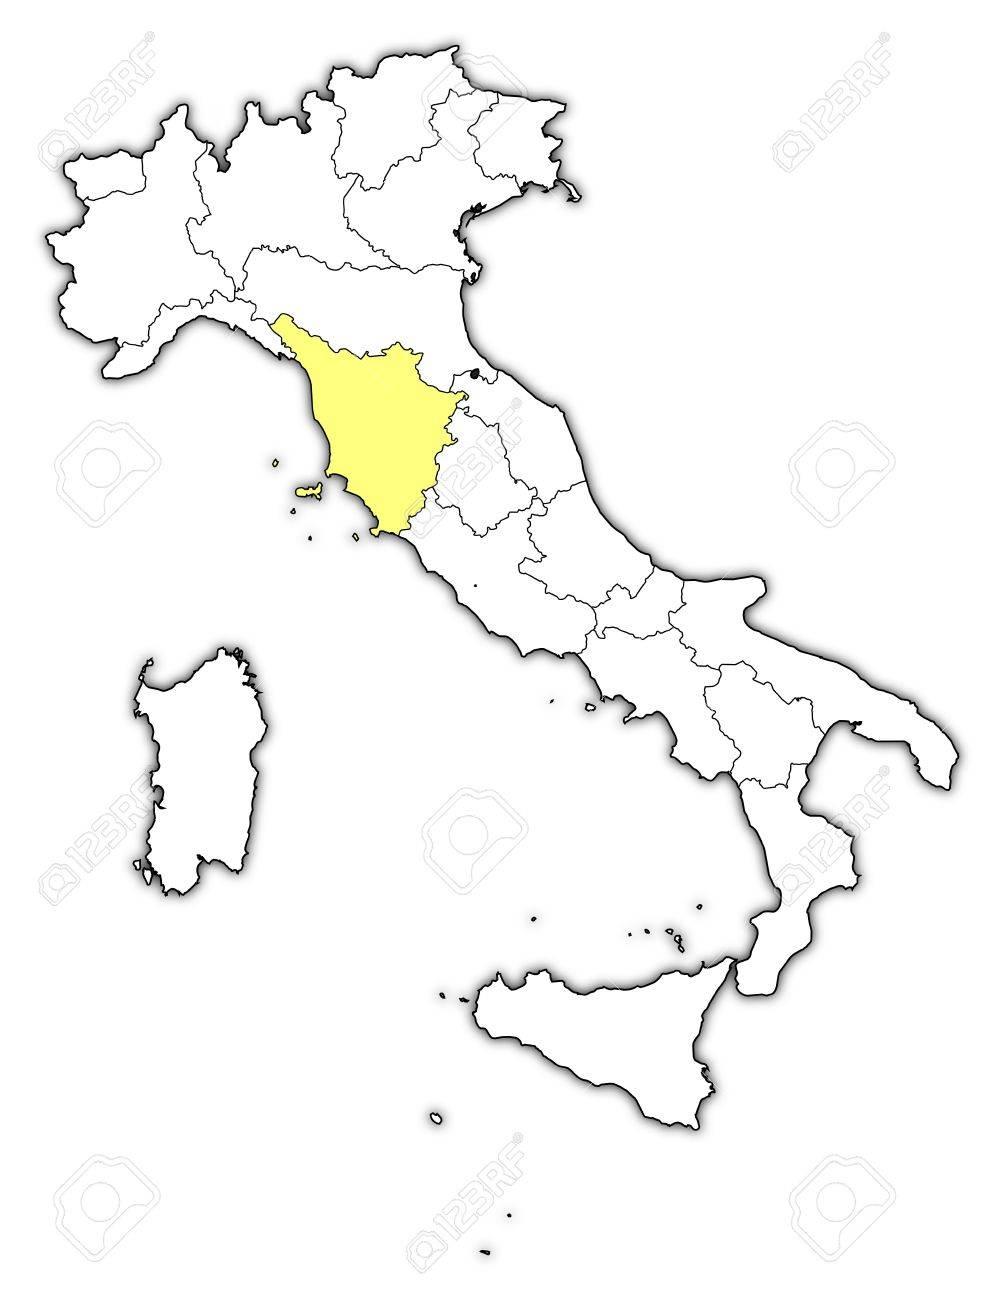 Italia Cartina Vettoriale.Vettoriale Mappa Politica D Italia Con Le Varie Regioni In Cui E Evidenziata La Toscana Image 13912624